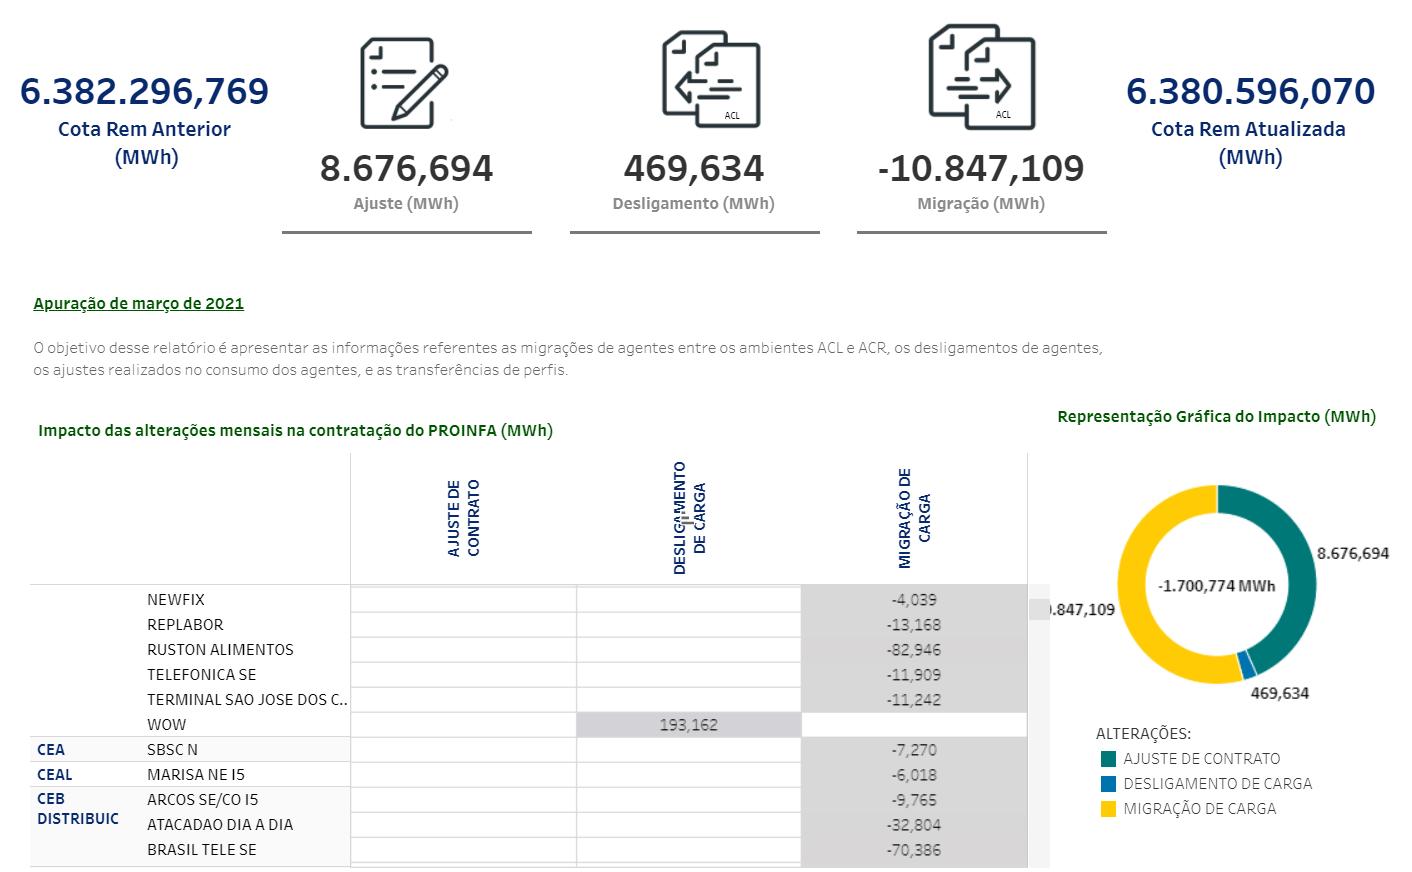 Exemplo de relatório da CCEE sobre o PROINFA